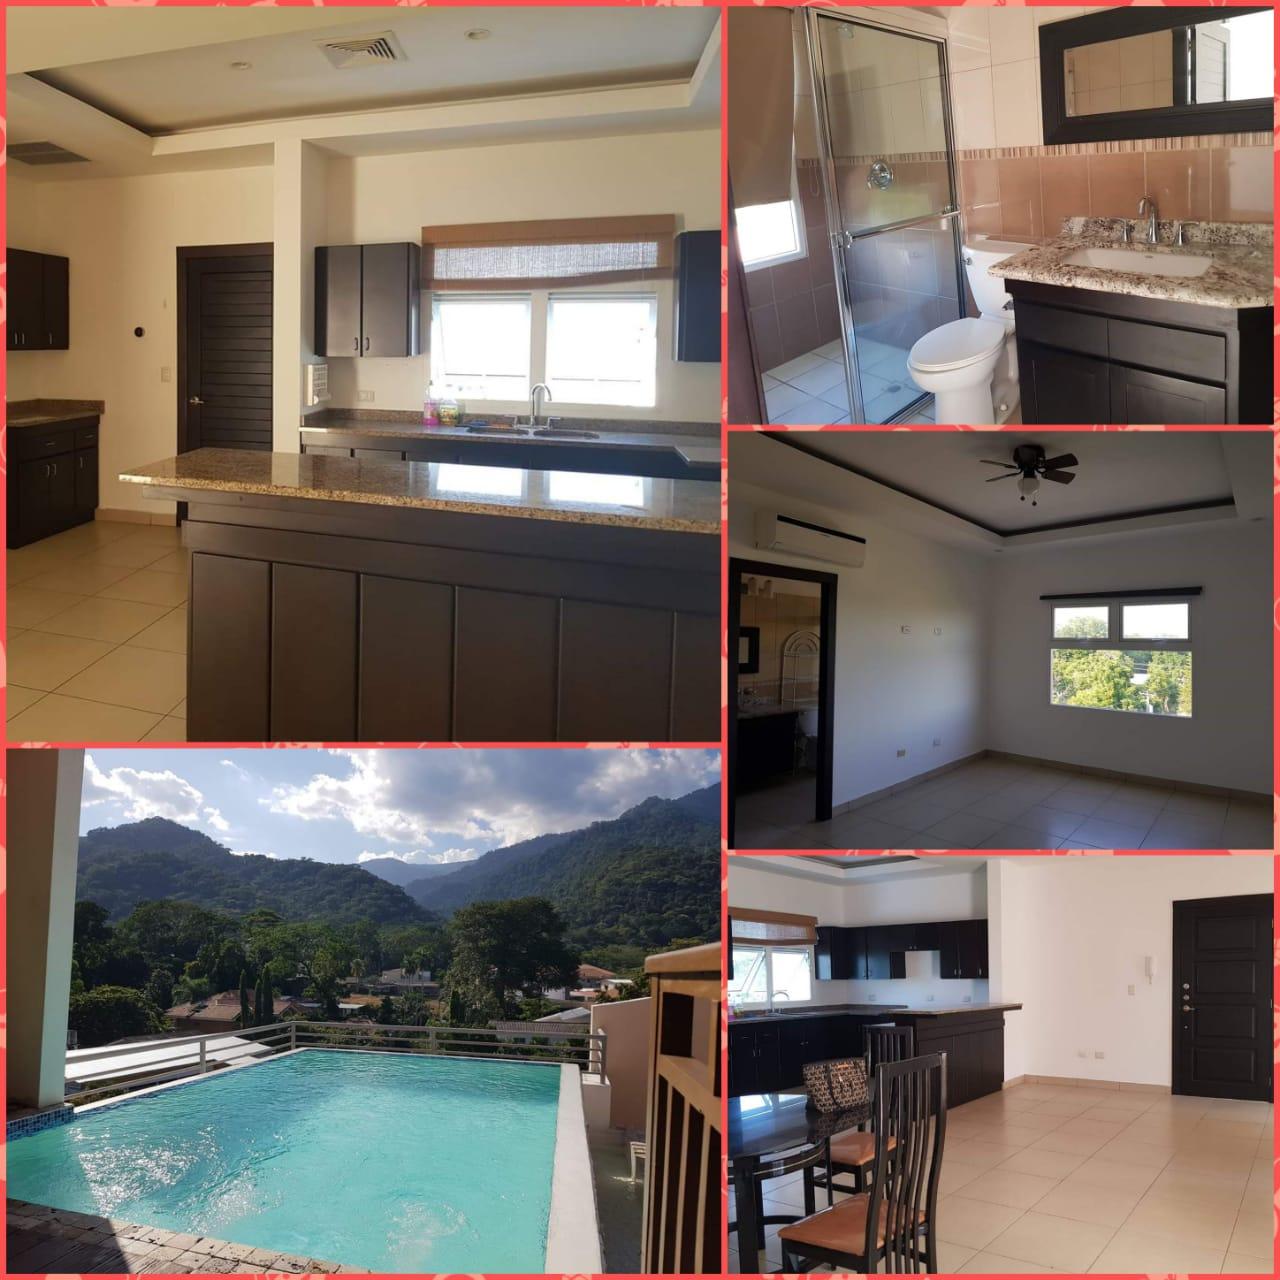 Precioso condominio en alquiler en Rio Piedras